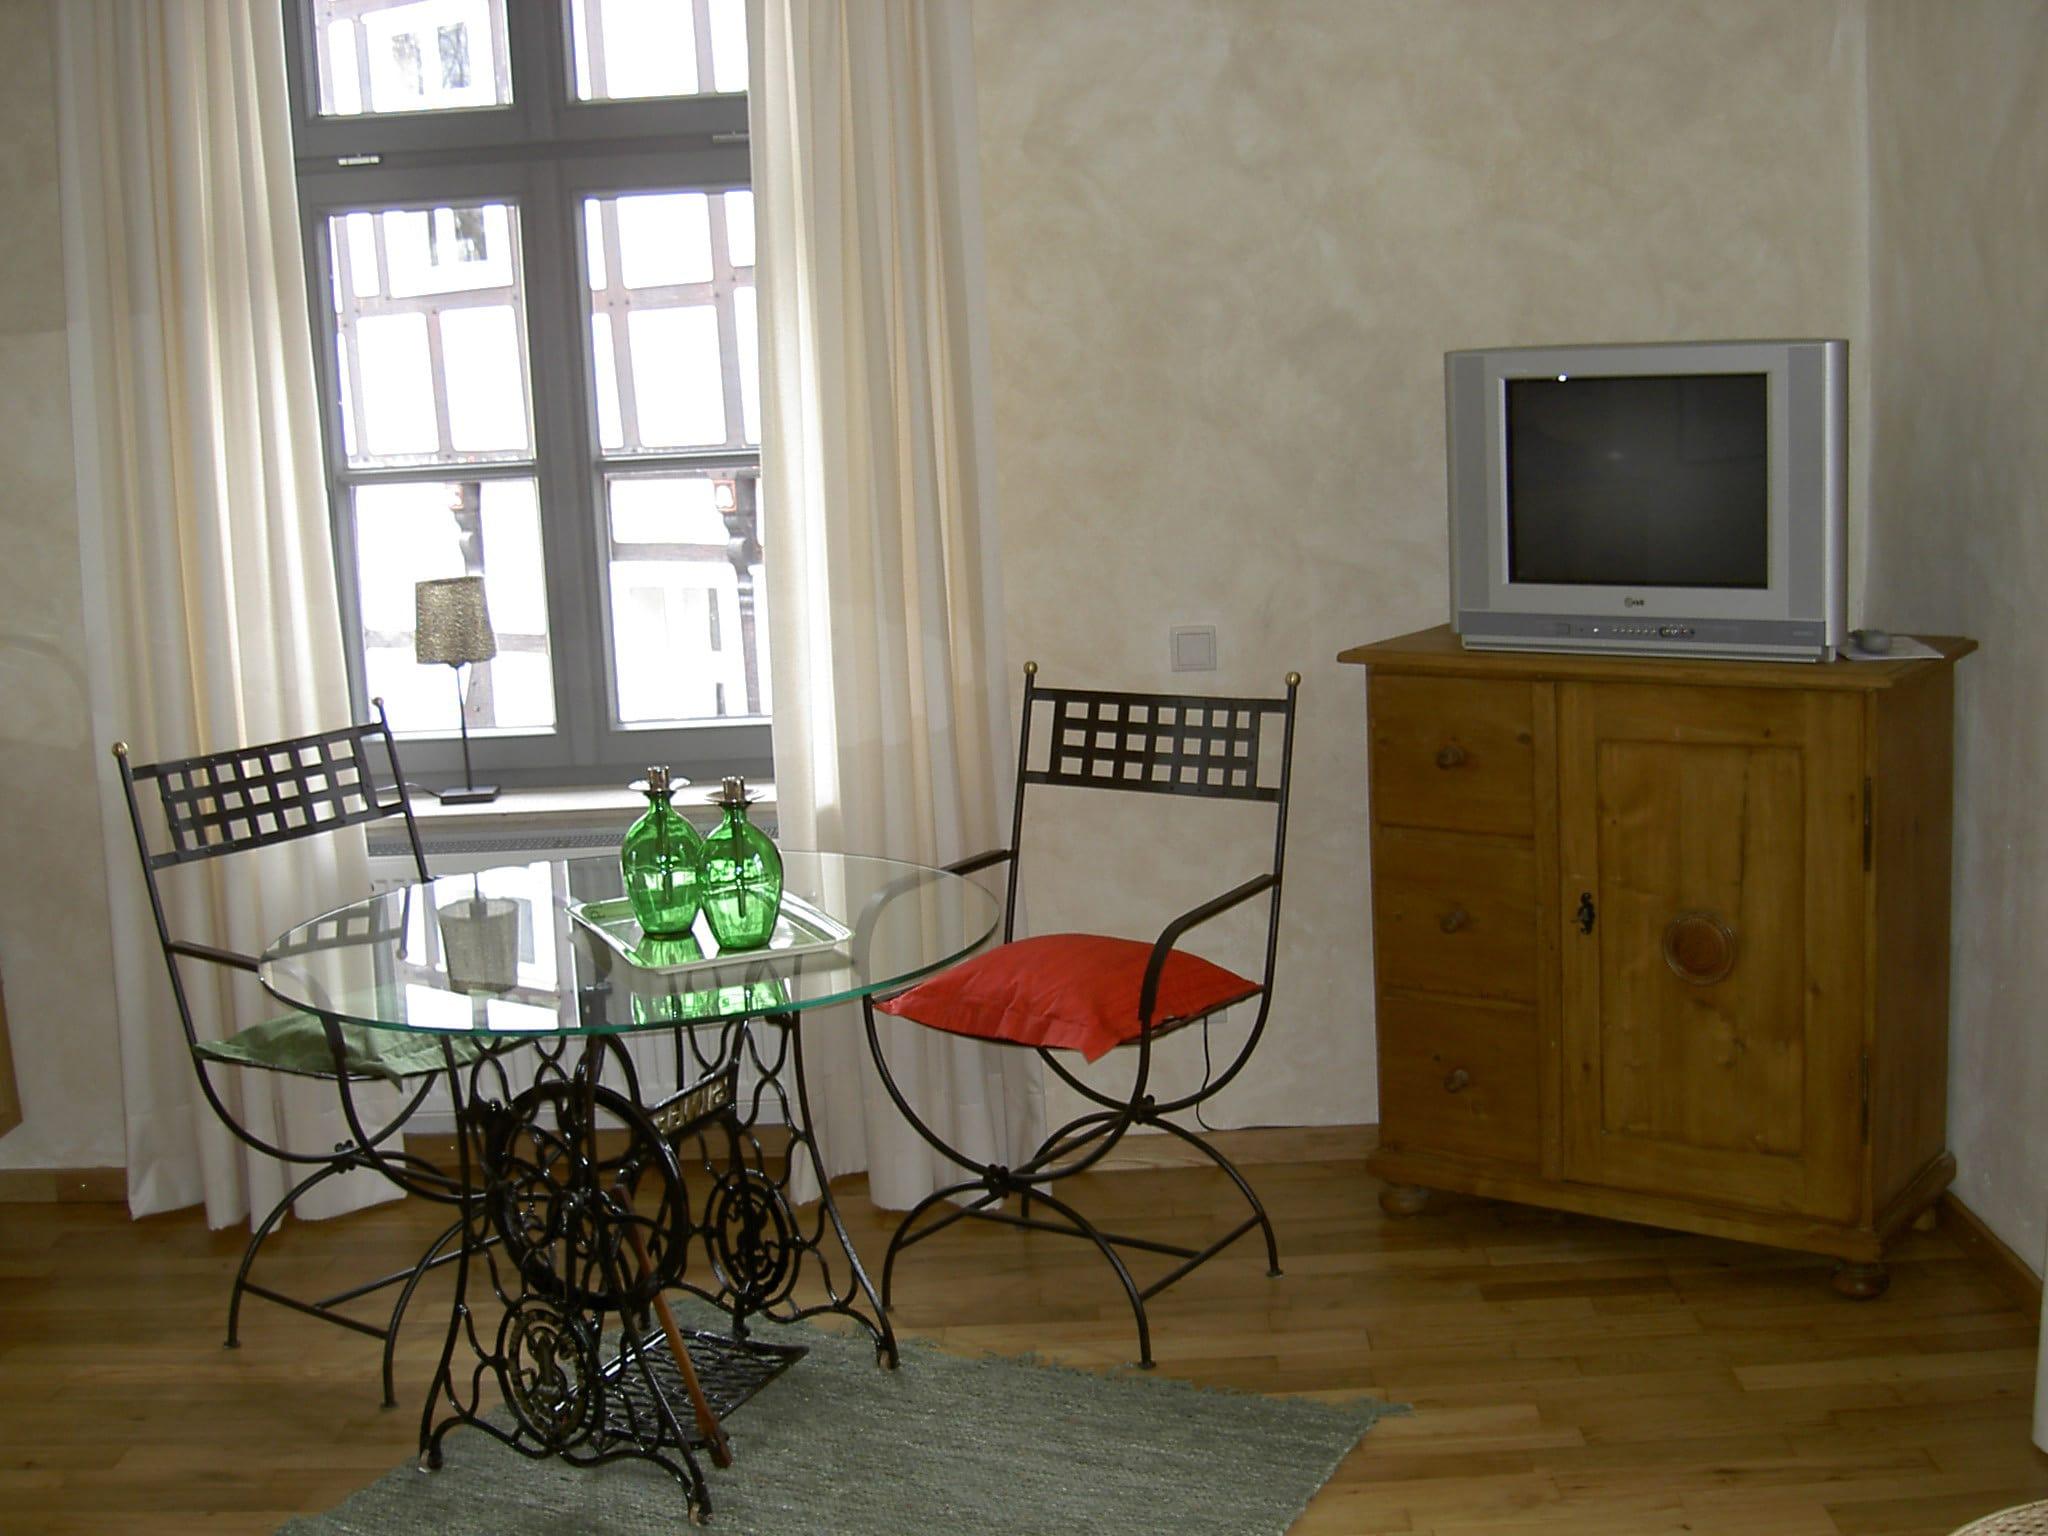 weitzel-boardinghouse-appart-fiedrichsstrasse-og-04